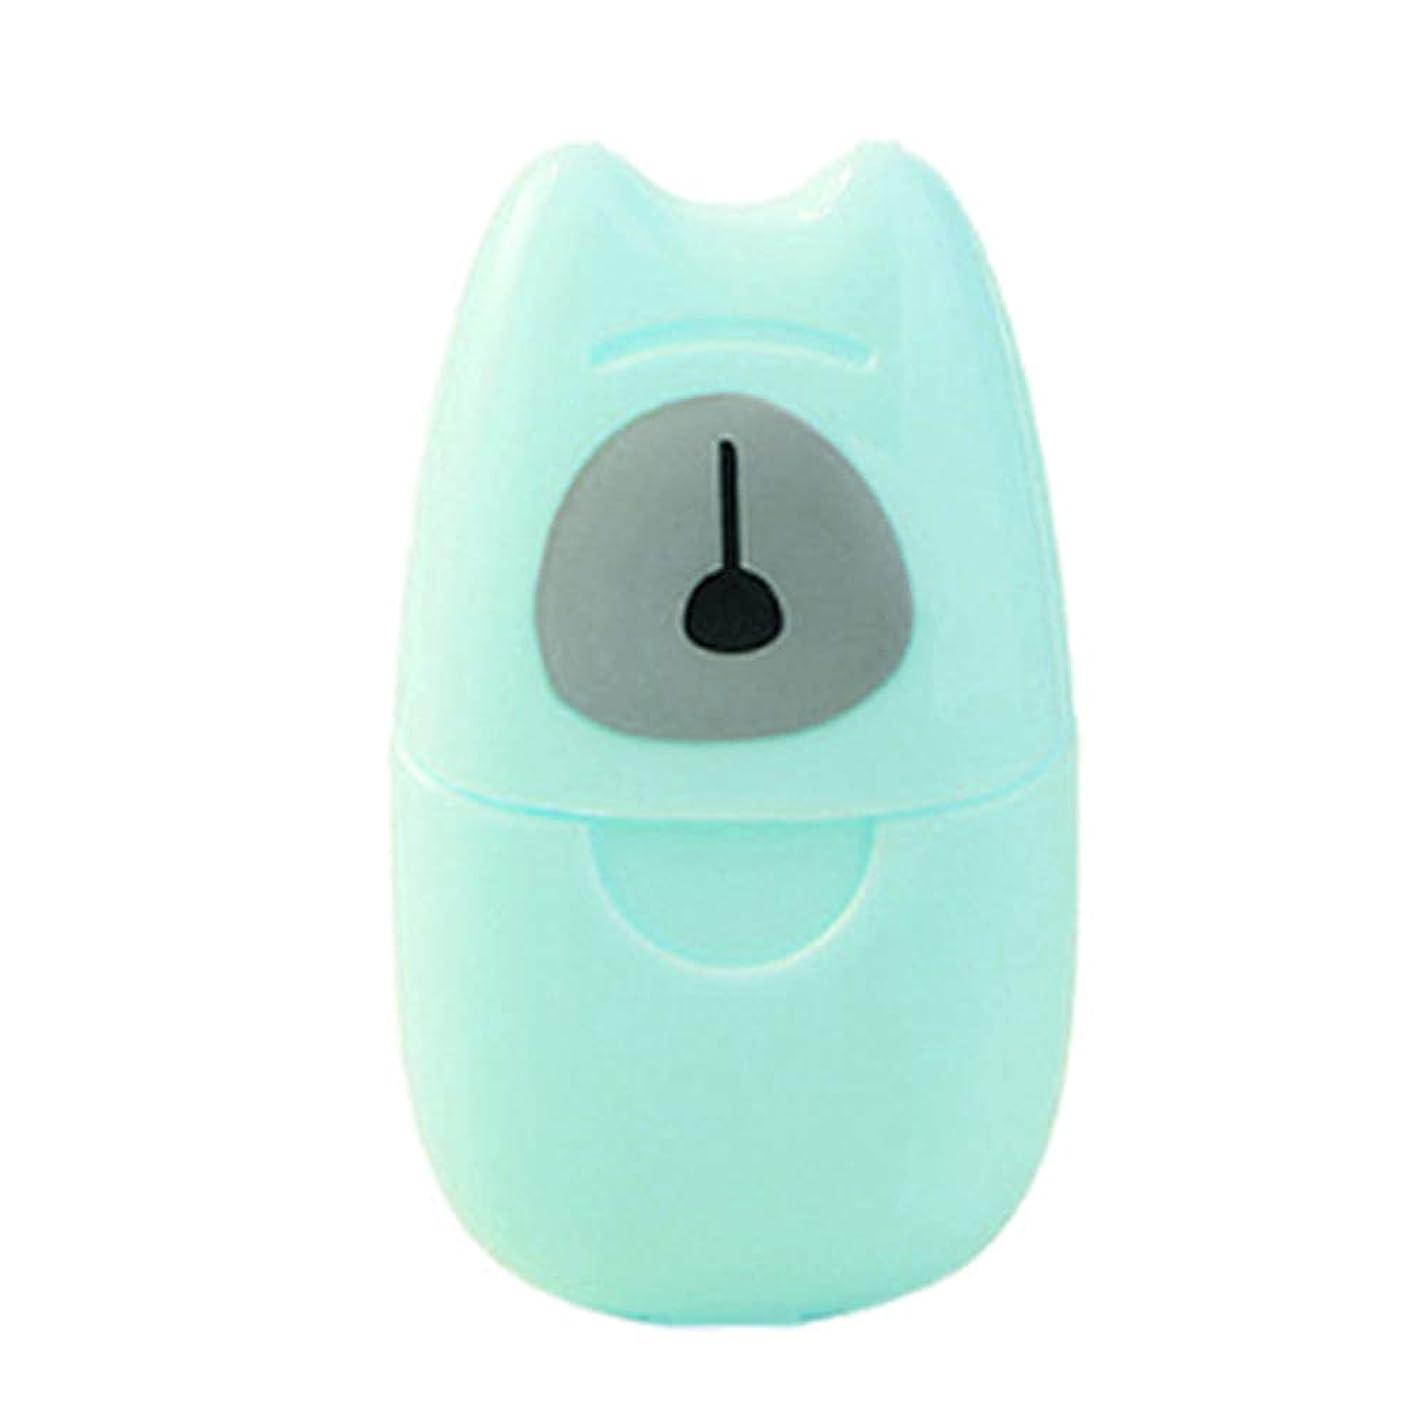 誰雪だるま忘れられないGeafos ペーパーソープ 紙せっけん 石鹸シート 除菌 香り 超軽量 持ち運び 手洗い 携帯便利 ケース付き お風呂 お出かけ 旅行 3個セット